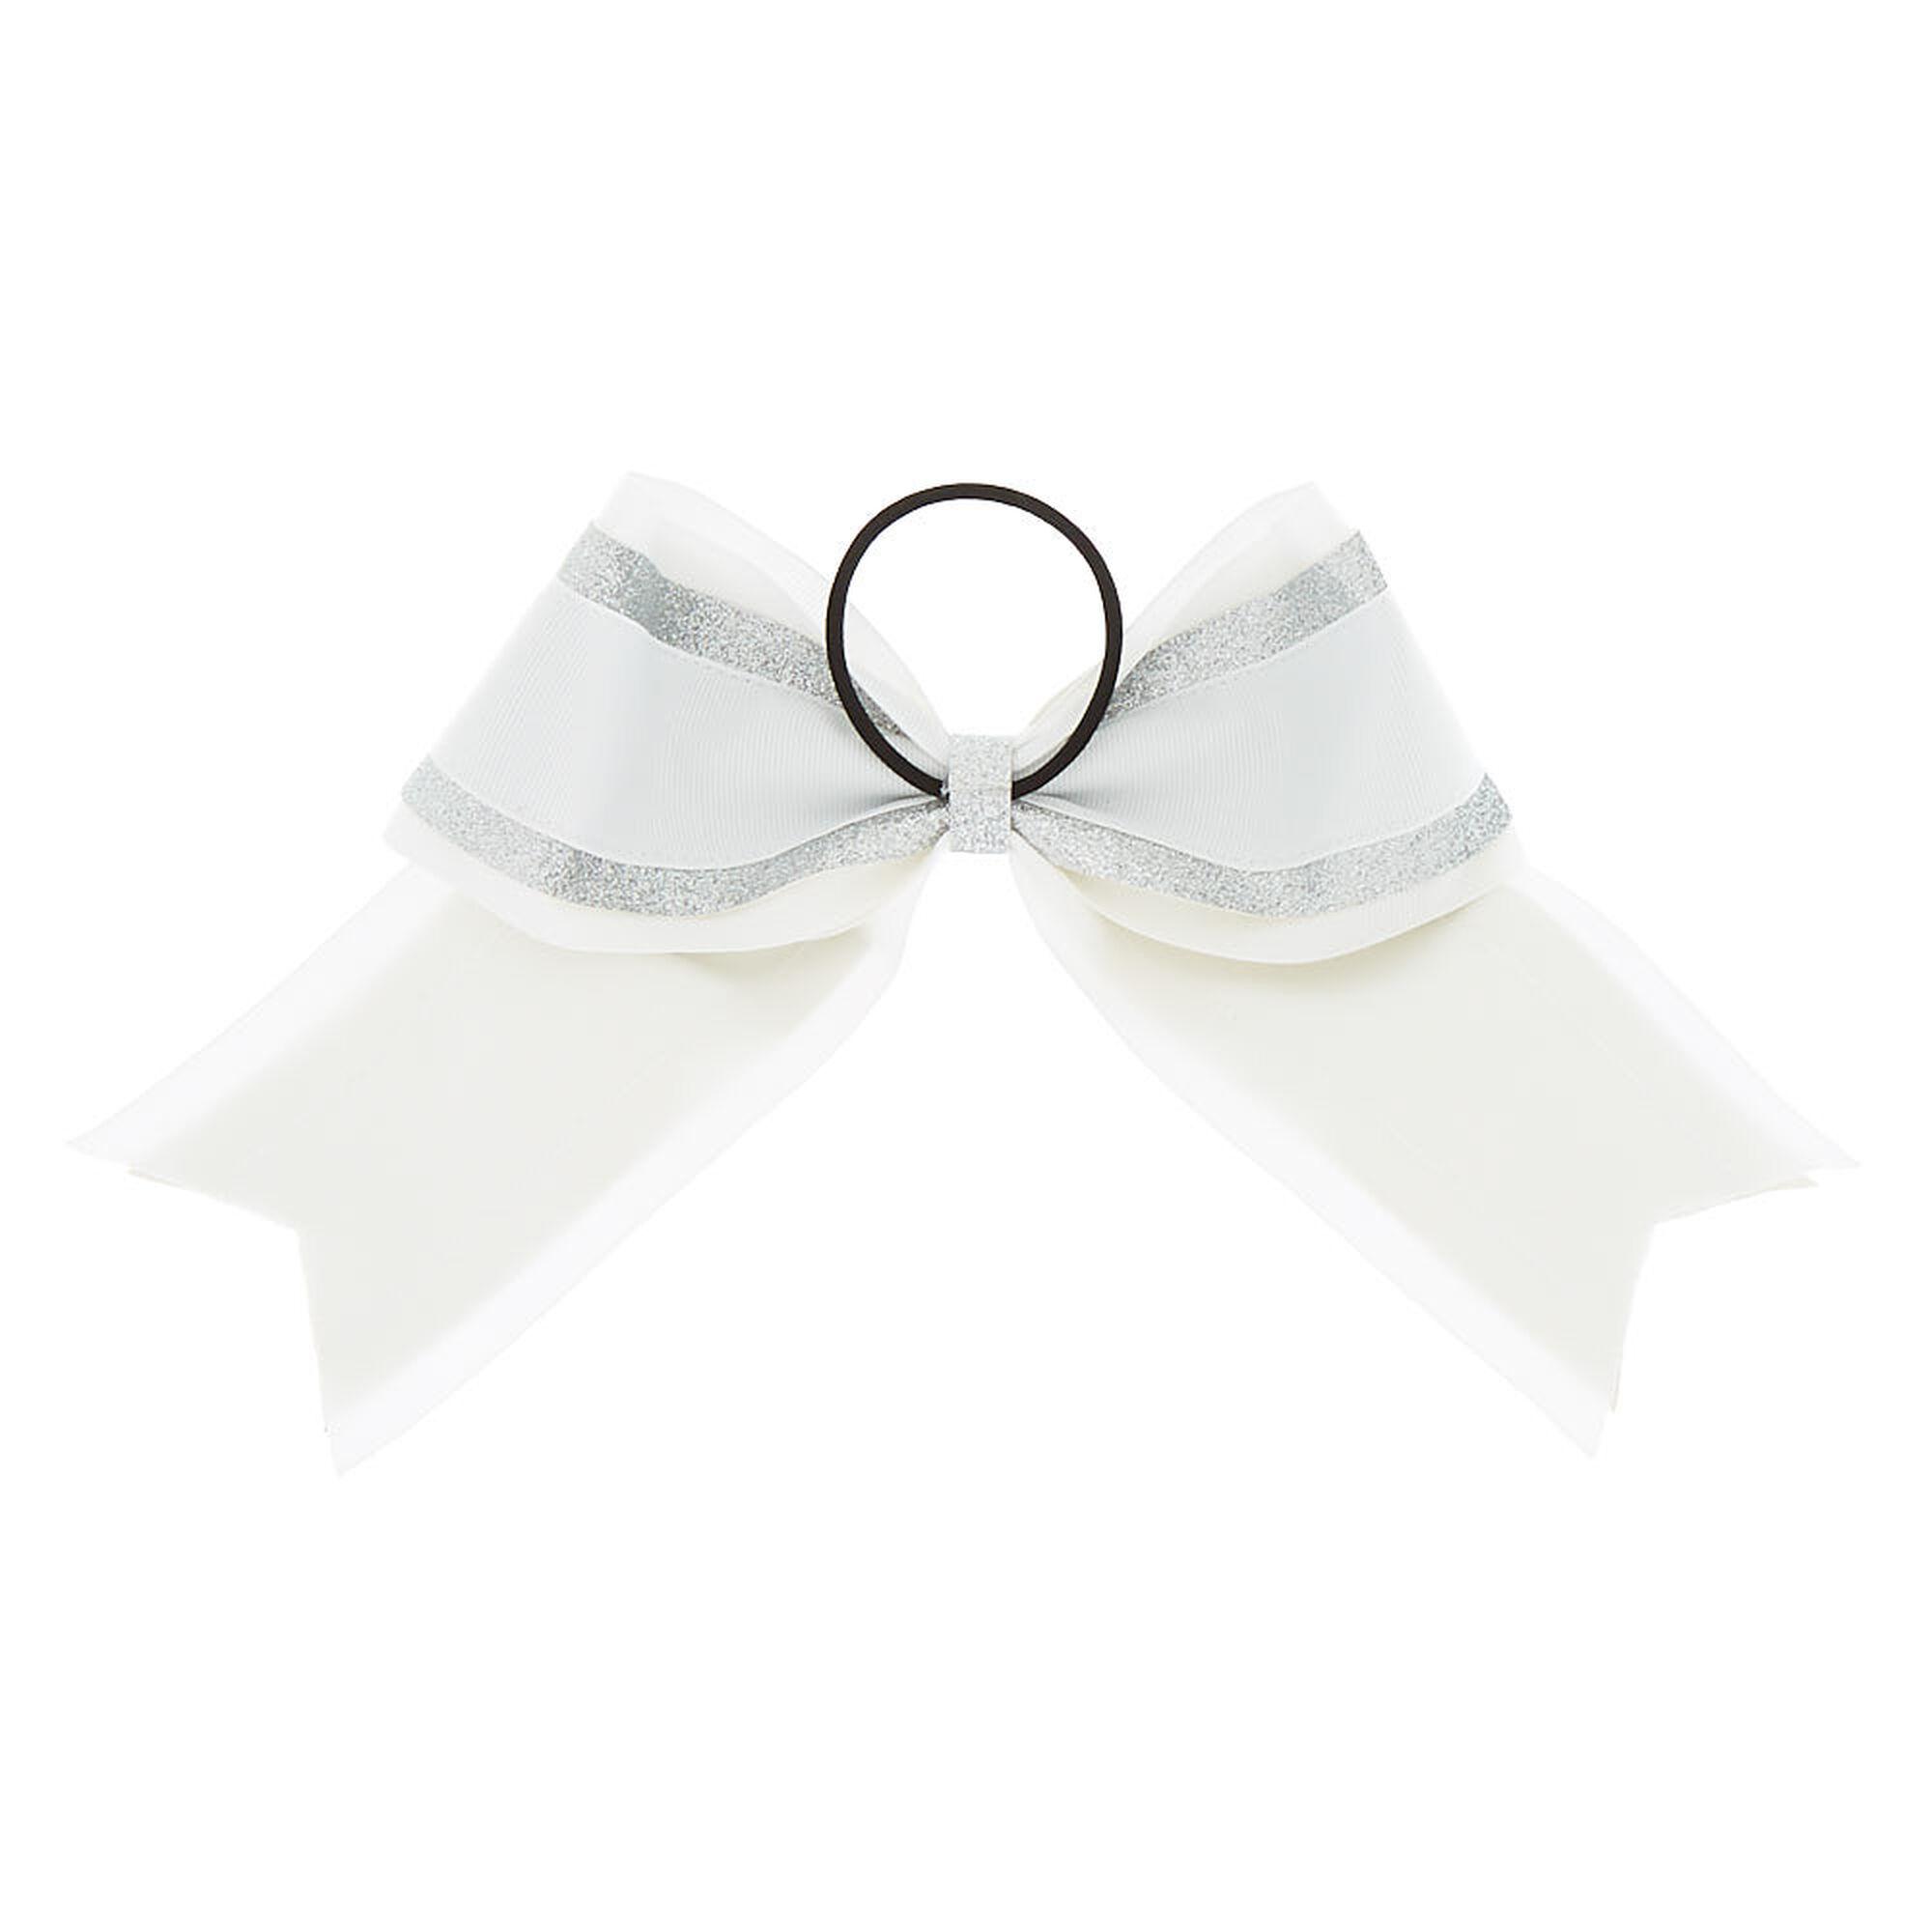 ... Silver Glitter Cheer Bow Hair Tie - White ba85a8b61c7